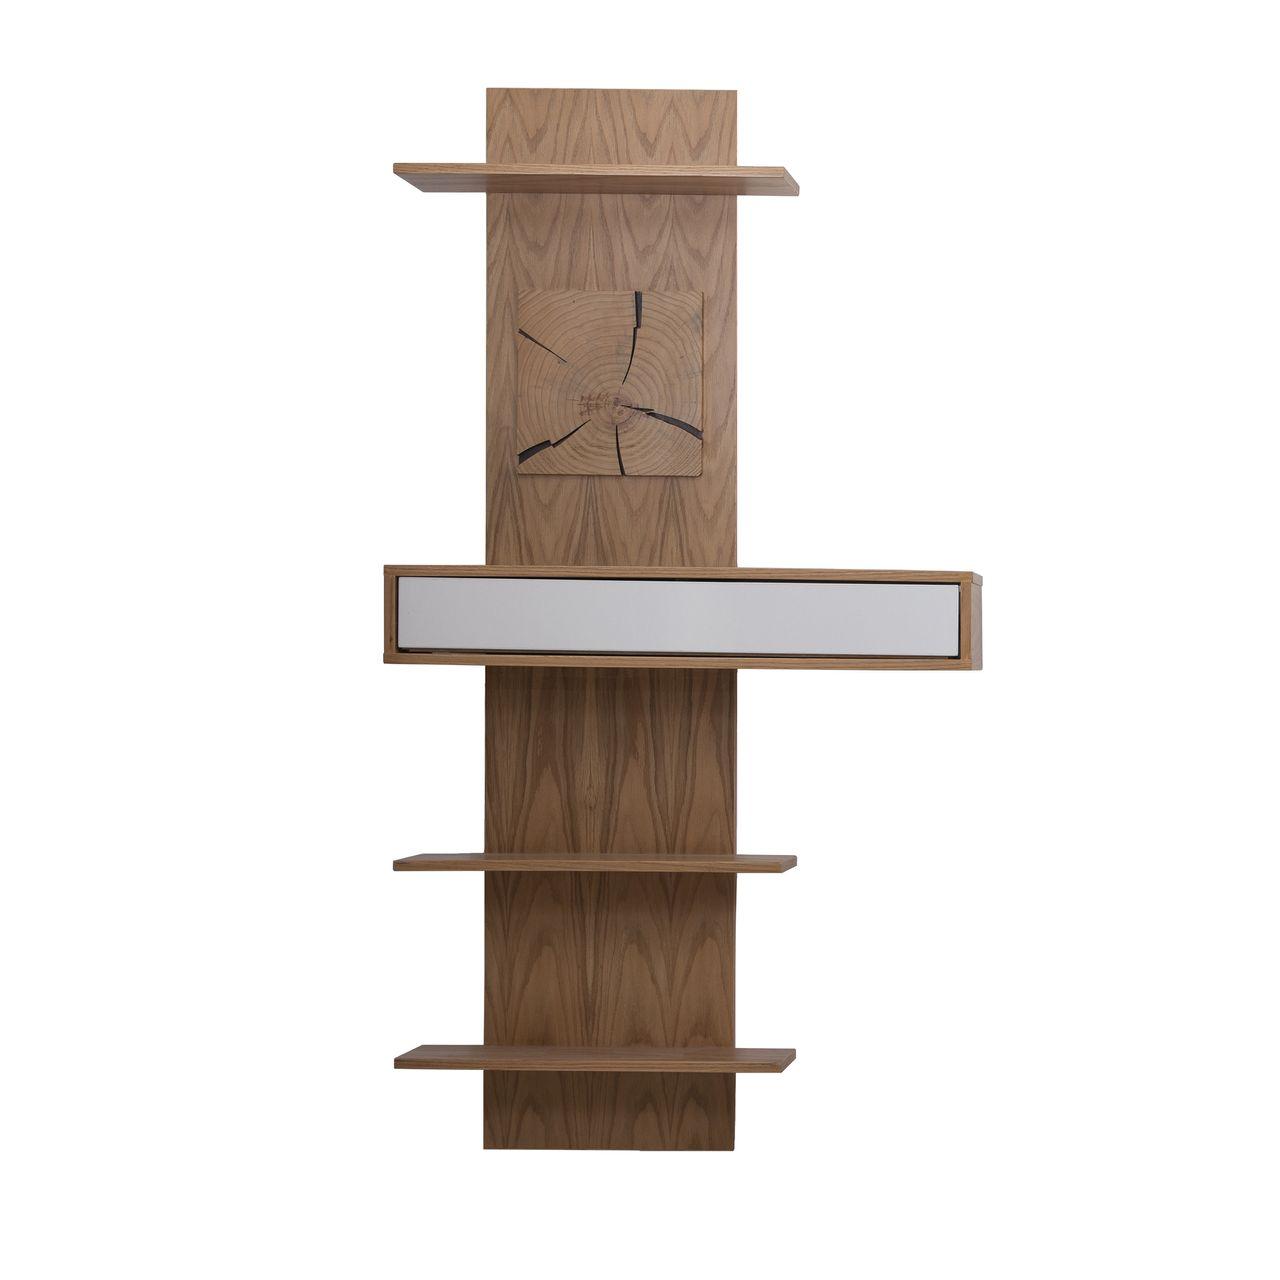 شلف دیواری صنایع چوبی آذرباد مدل نهال کد B313